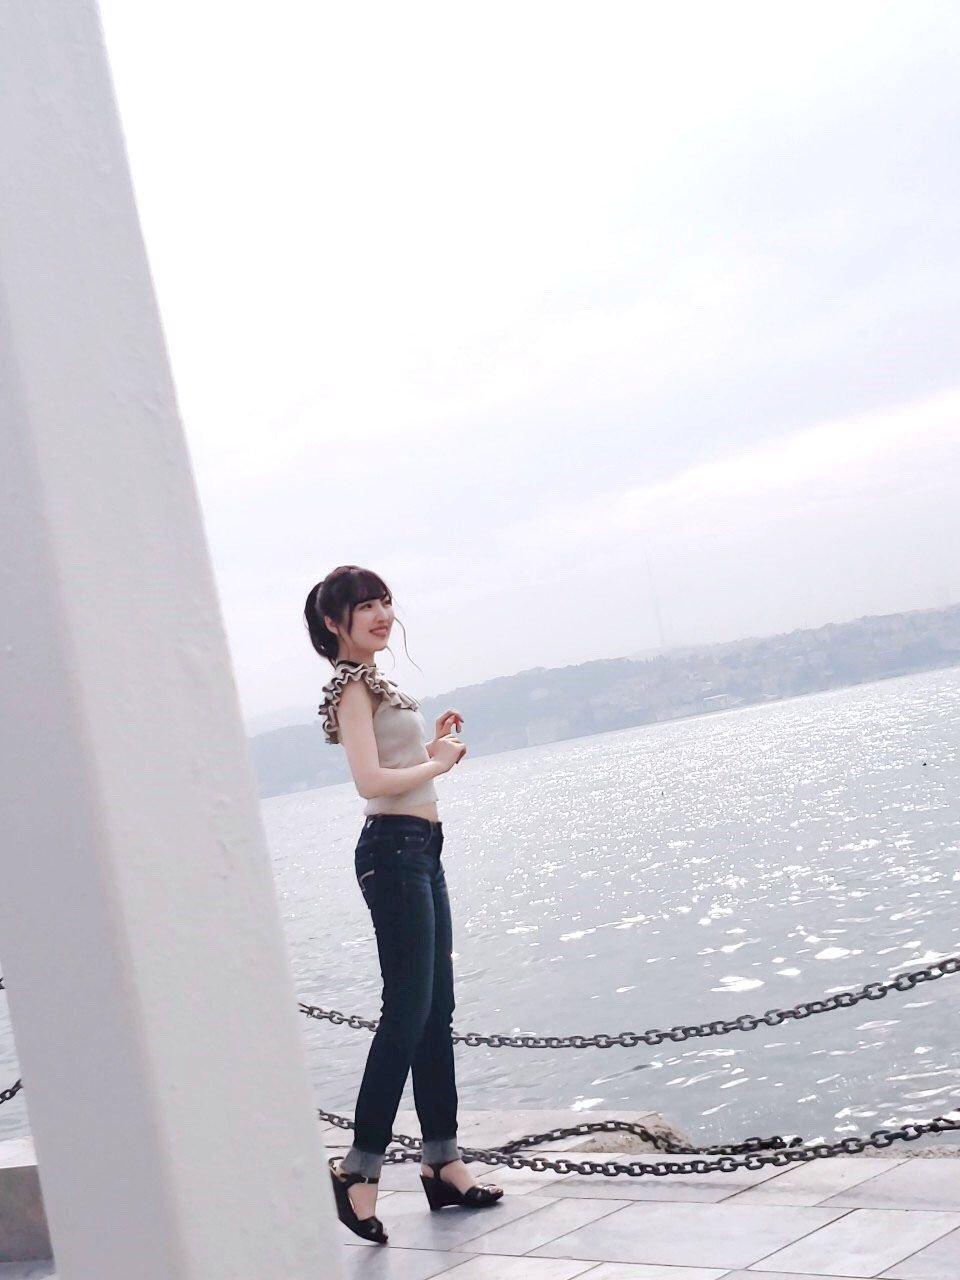 豊田萌絵 写真集 moEmotion_和邪社79